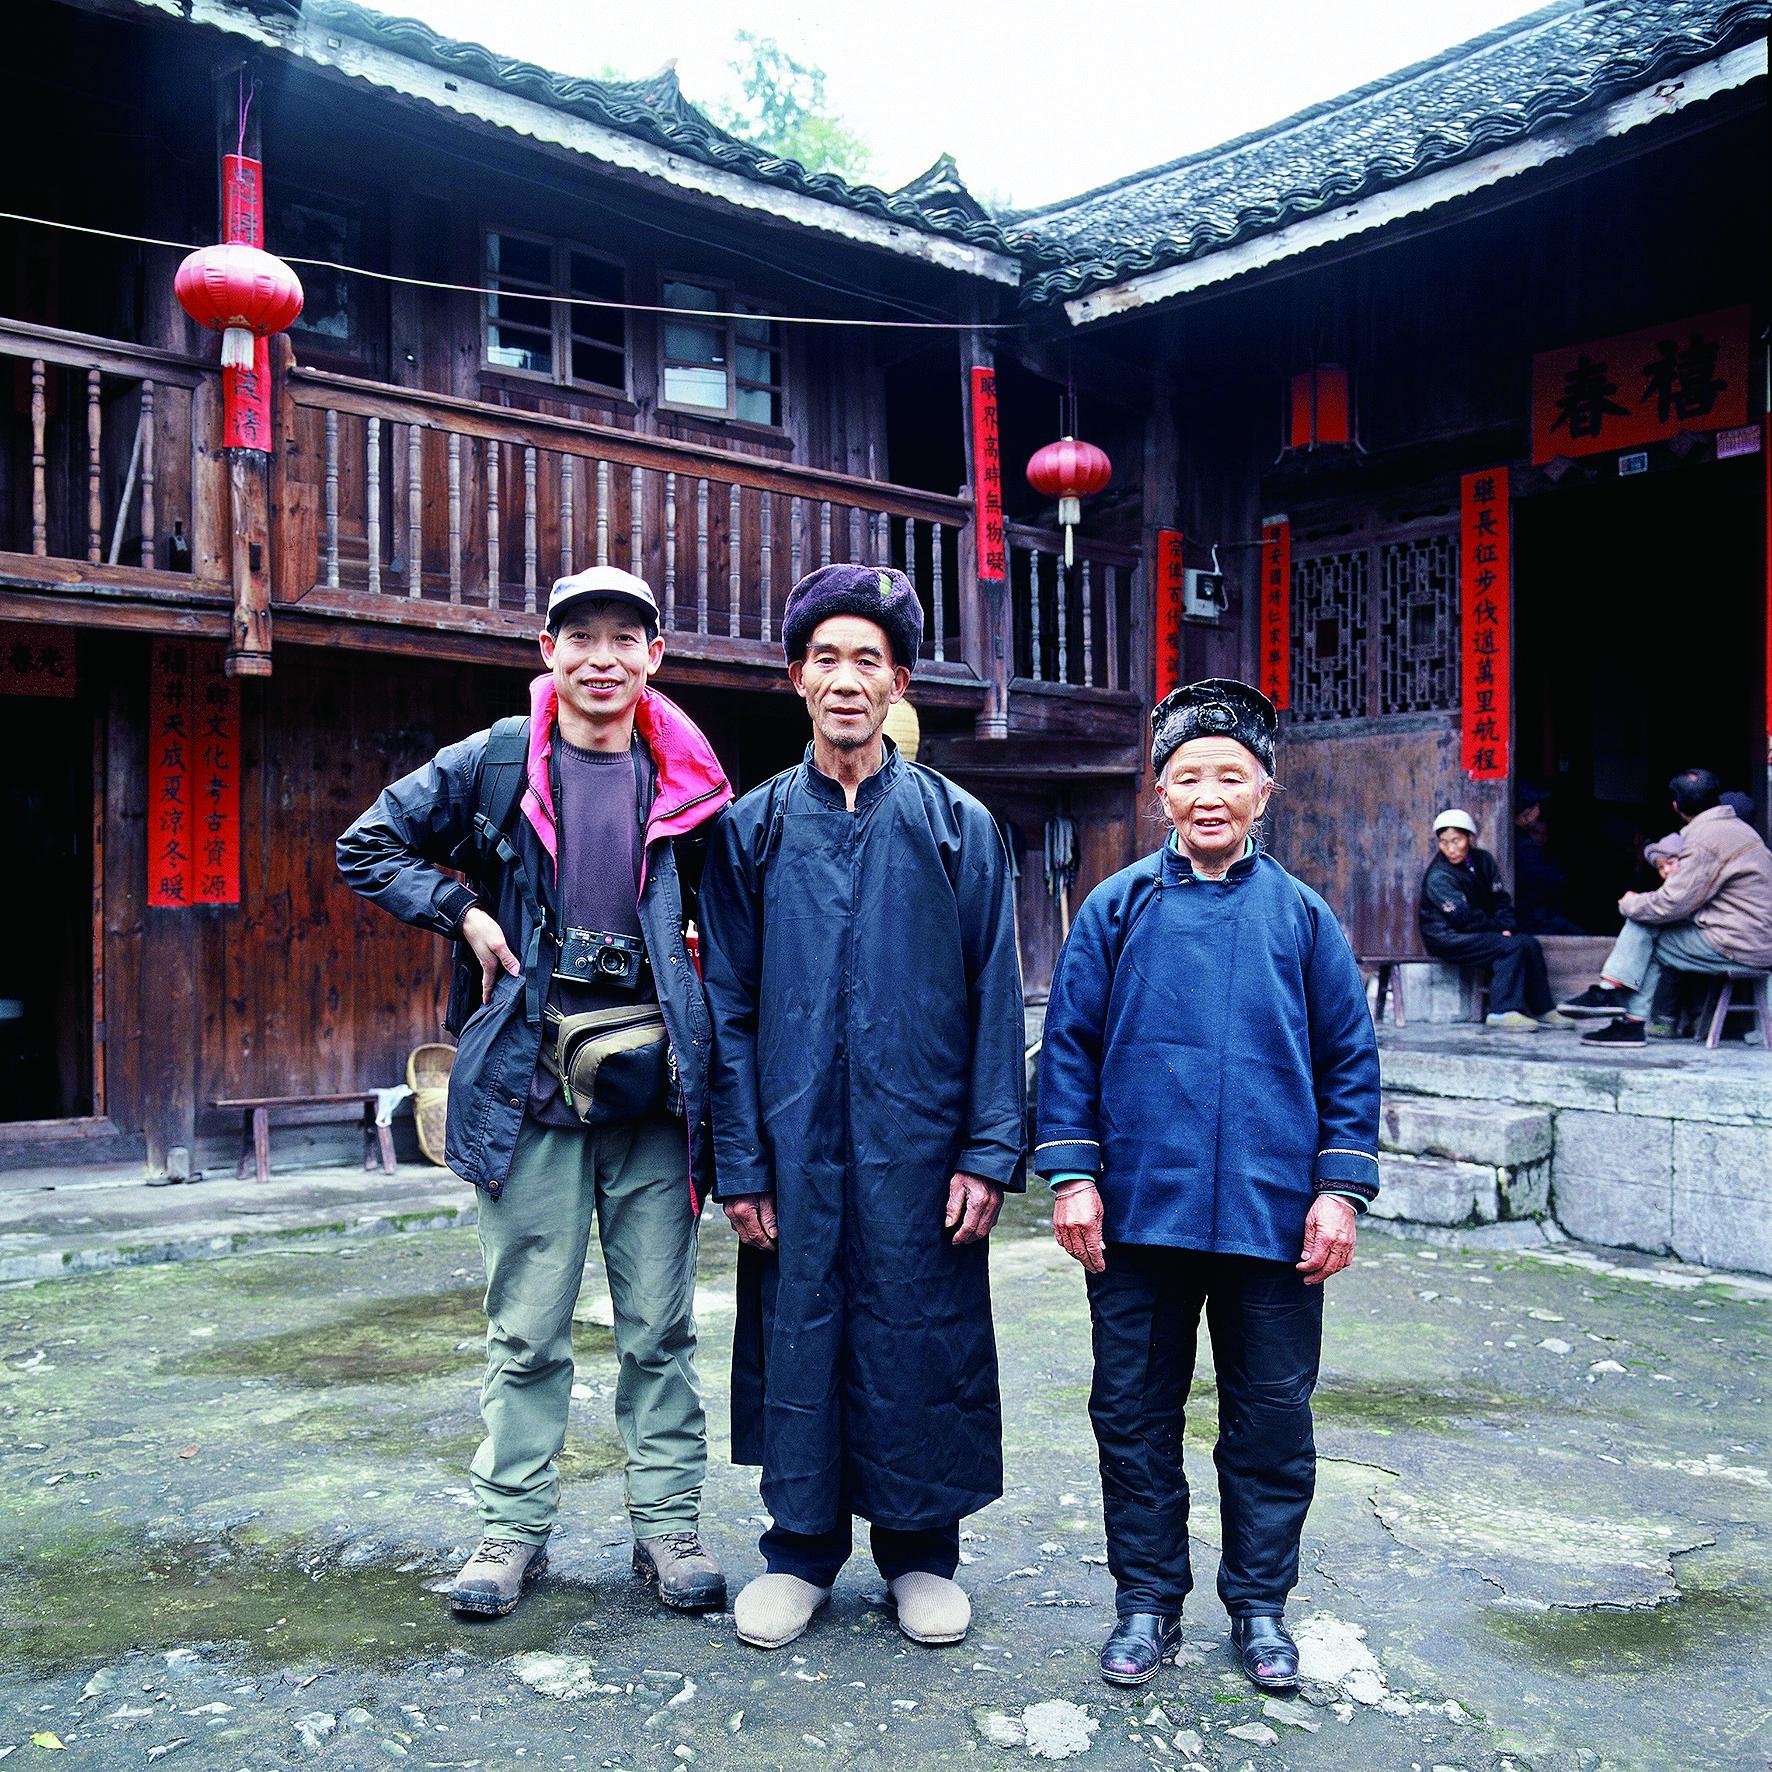 七年拍摄4万张少数民族民居照片记录民居背后的历史和故事 龙江摄